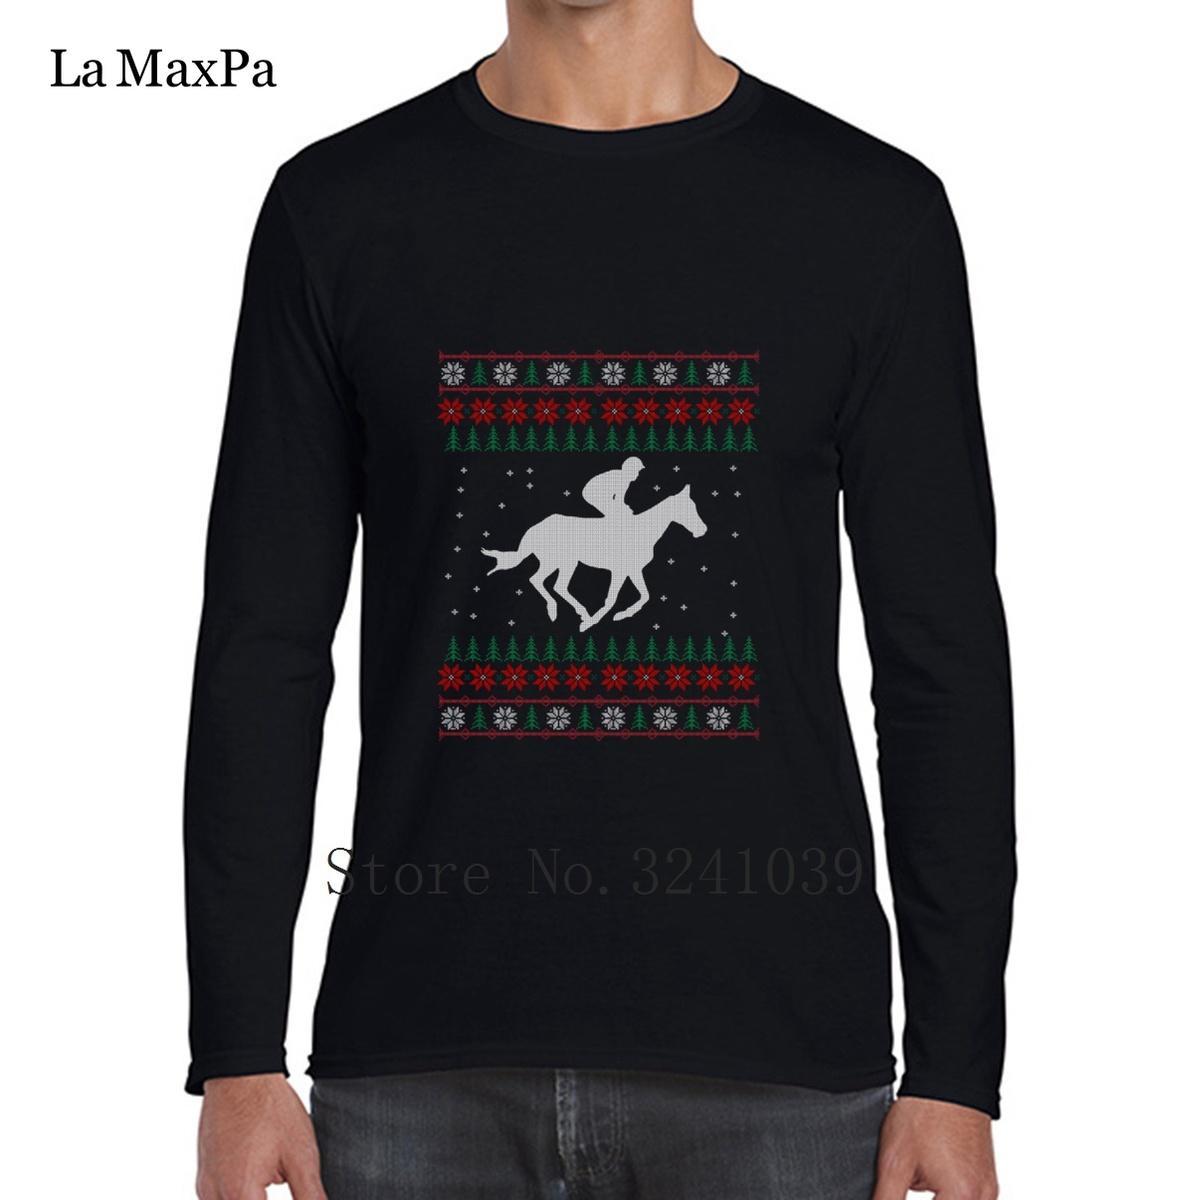 Großhandel La Maxpa Horse Hässliche Weihnachtsgeschenk Männer T ...